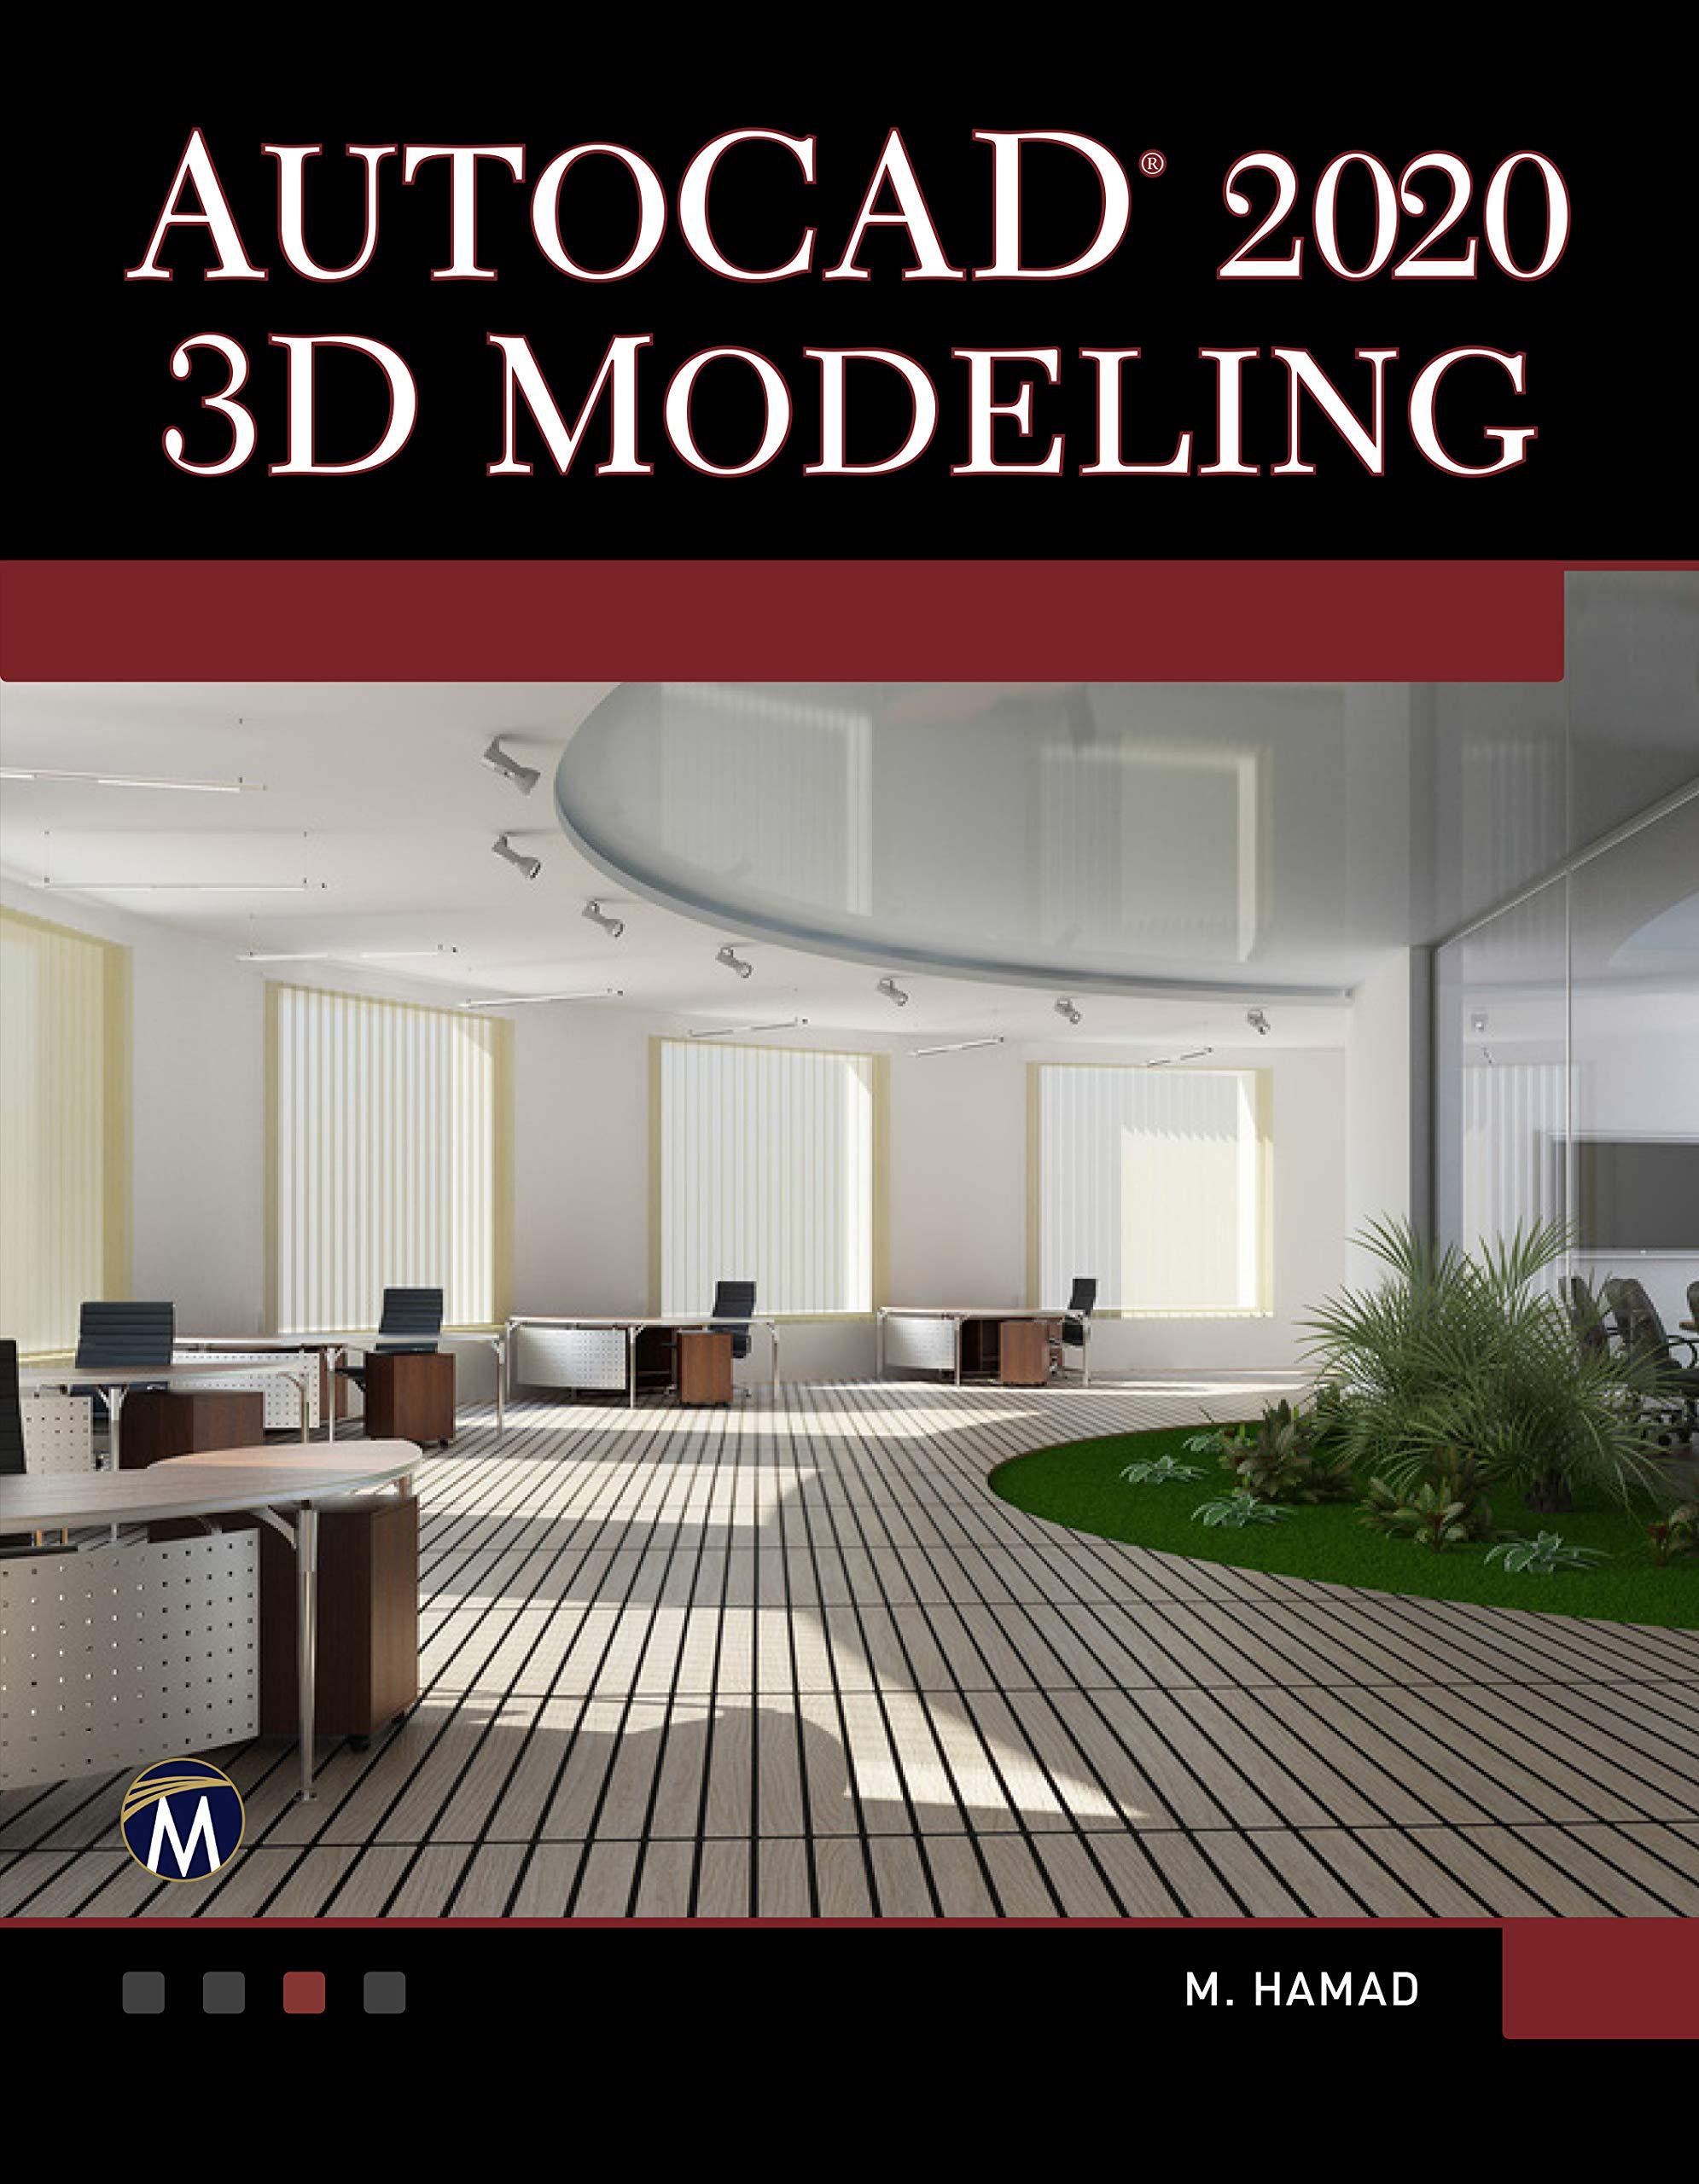 AutoCAD 2020 3D Modeling: Amazon.es: Hamad, Munir: Libros en idiomas extranjeros